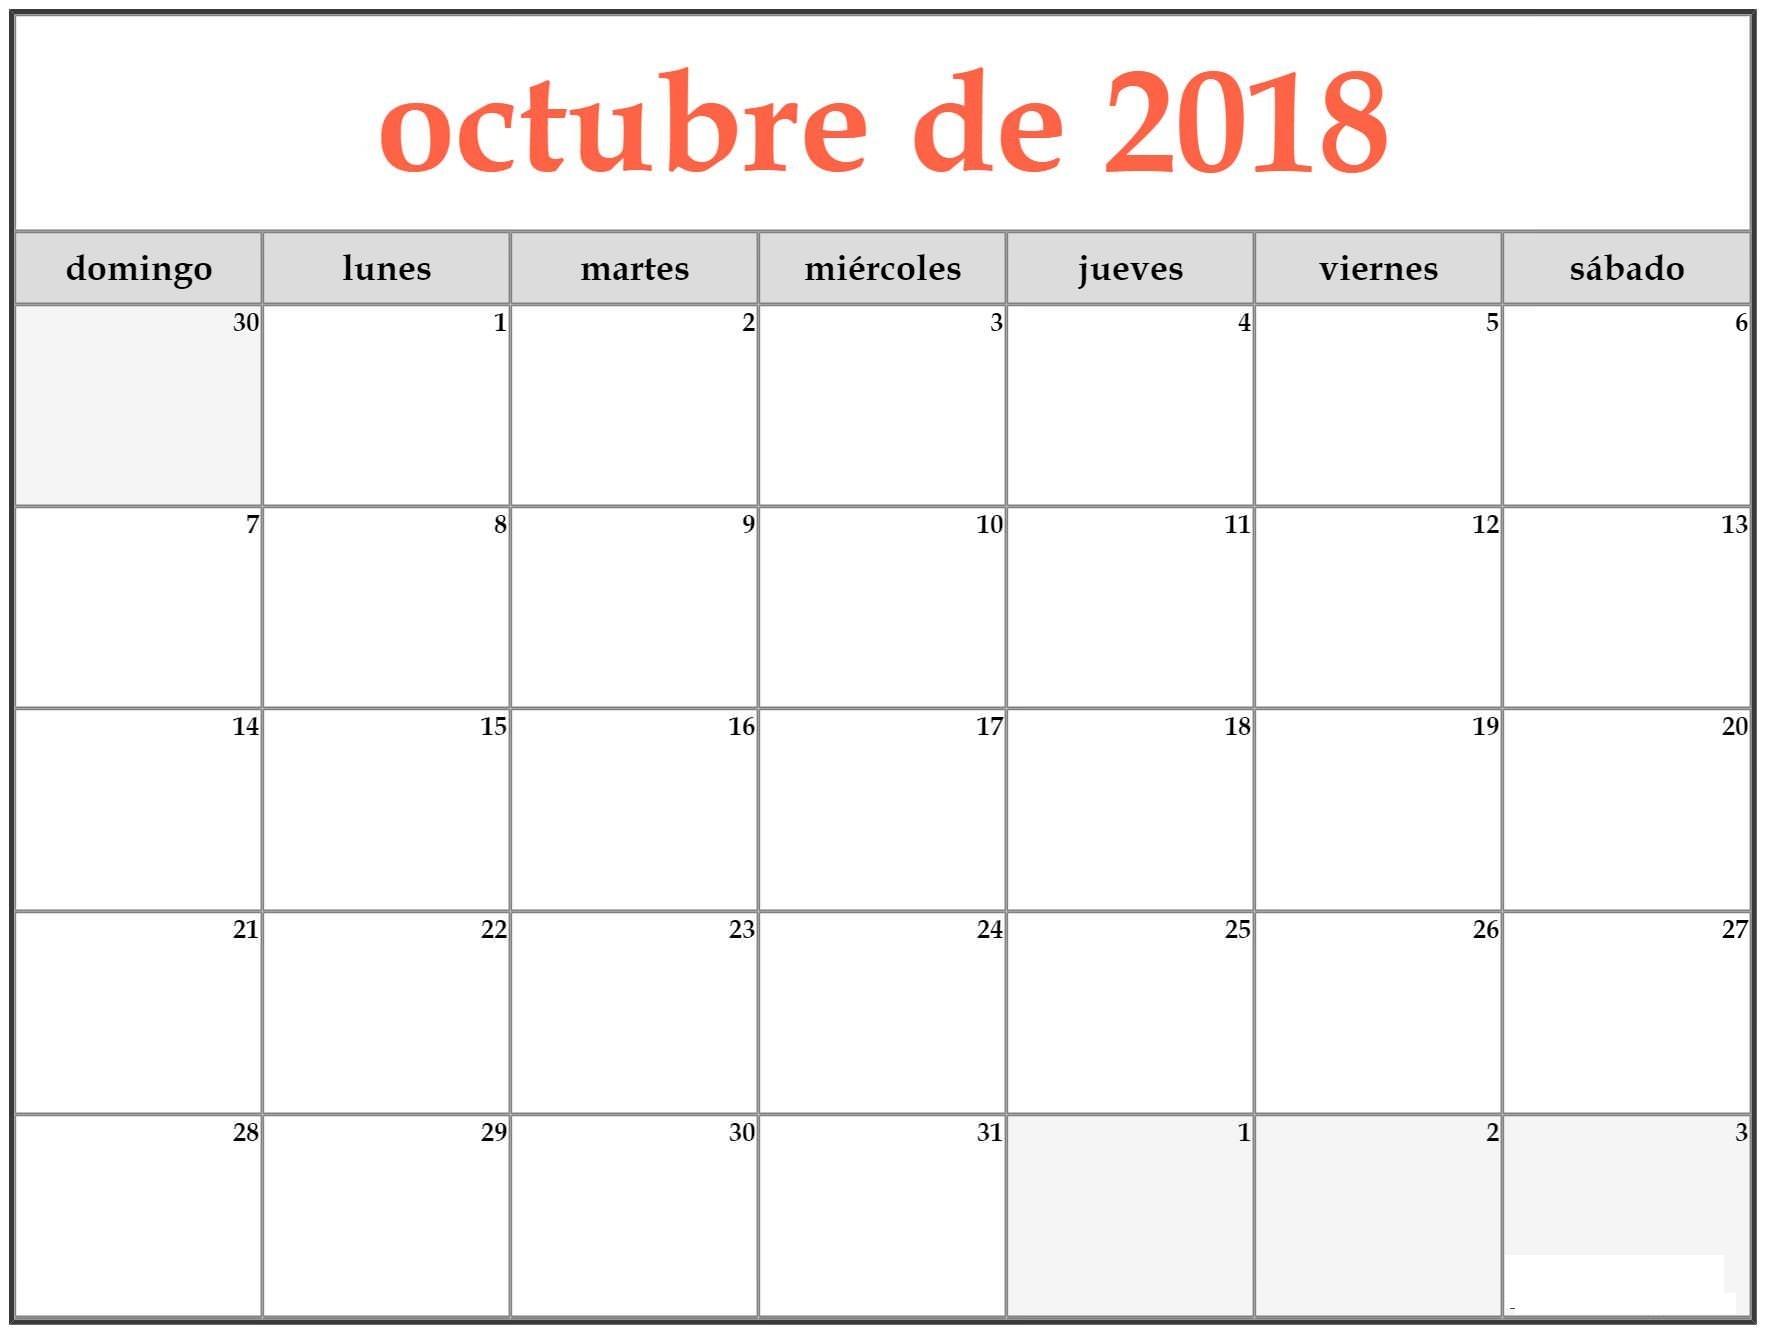 Calendario 2019 Bolivia En Excel Más Actual Imagenes De Calendario Mes De Octubre 2018 A Mes De Of Calendario 2019 Bolivia En Excel Más Caliente Calaméo Una Excelente Oportunidad Para Conocer Programas Y